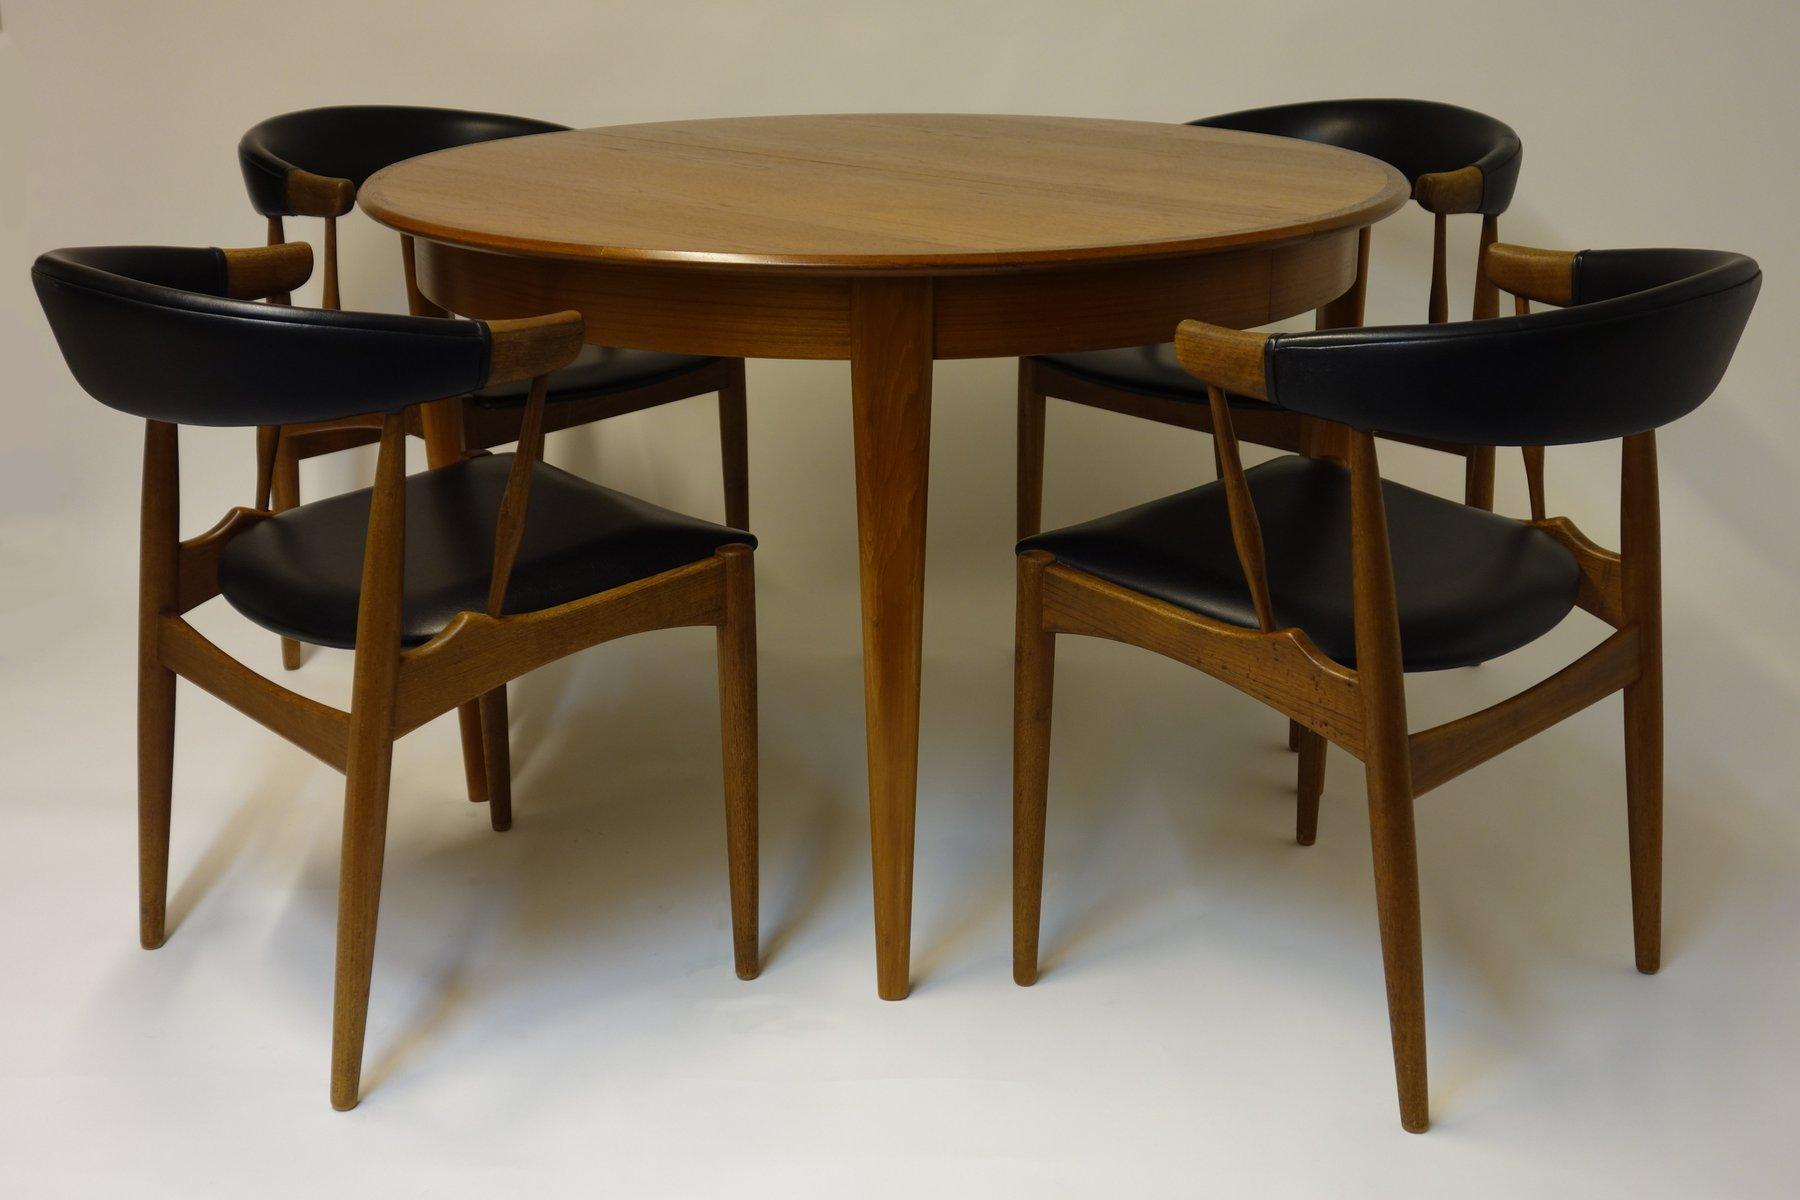 ausziehbarer esstisch mit zwei erweiterungen vier st hle von brdr andersen 1966 bei pamono. Black Bedroom Furniture Sets. Home Design Ideas